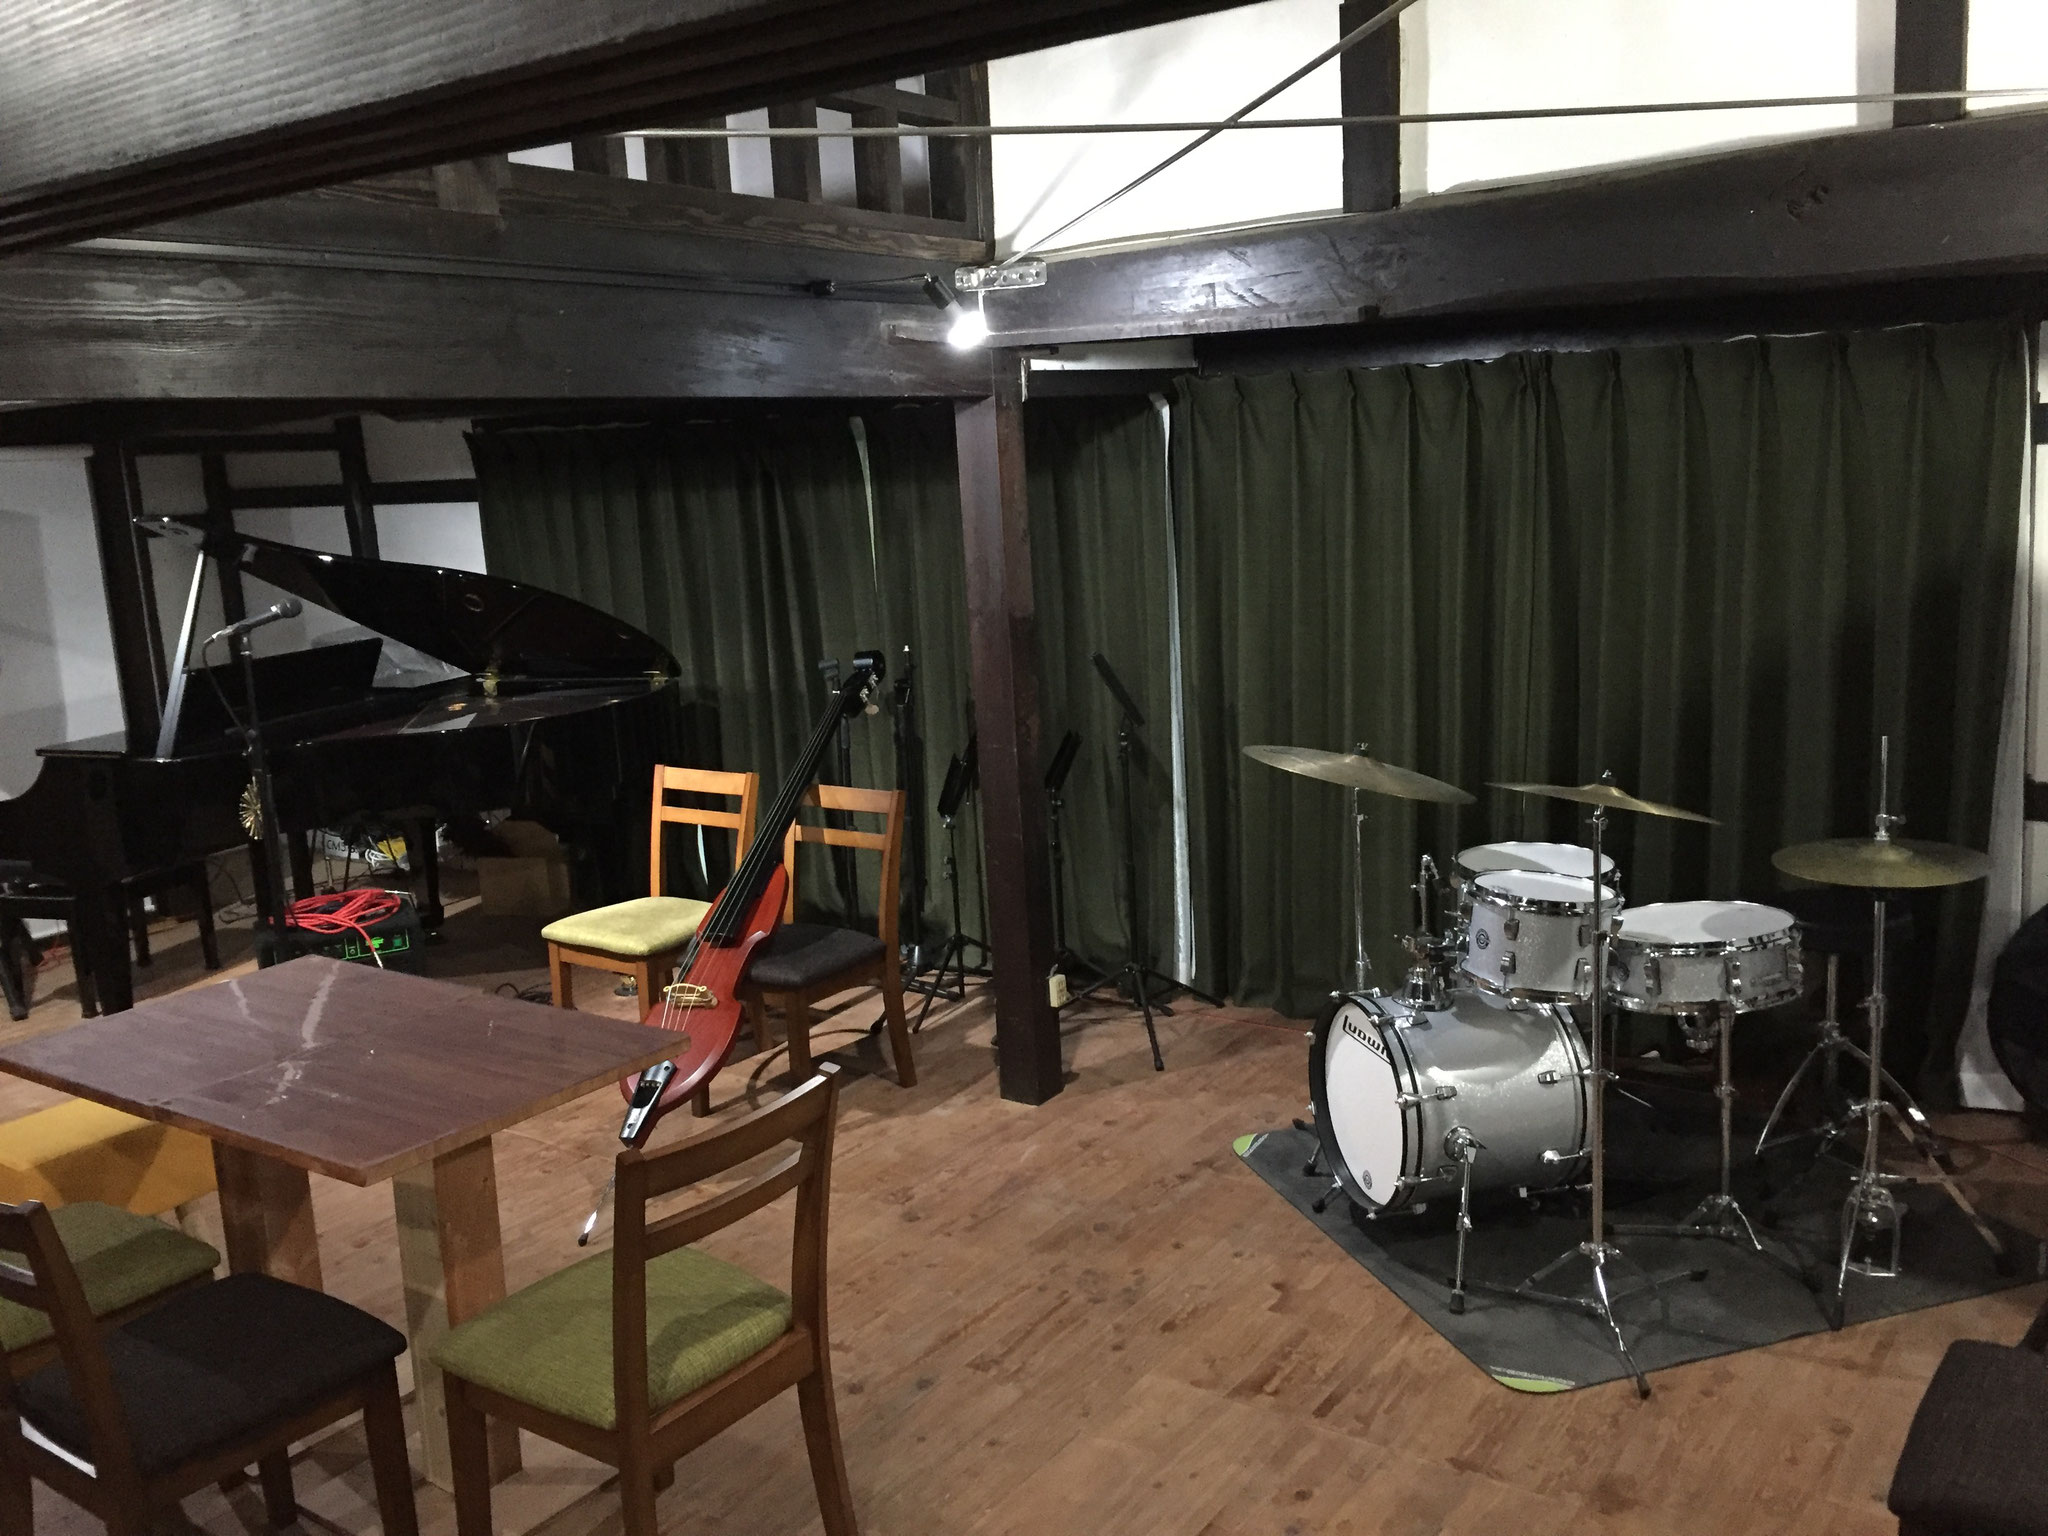 グランドピアノ、ドラムス、ベースを設置しており、気軽に演奏ができます